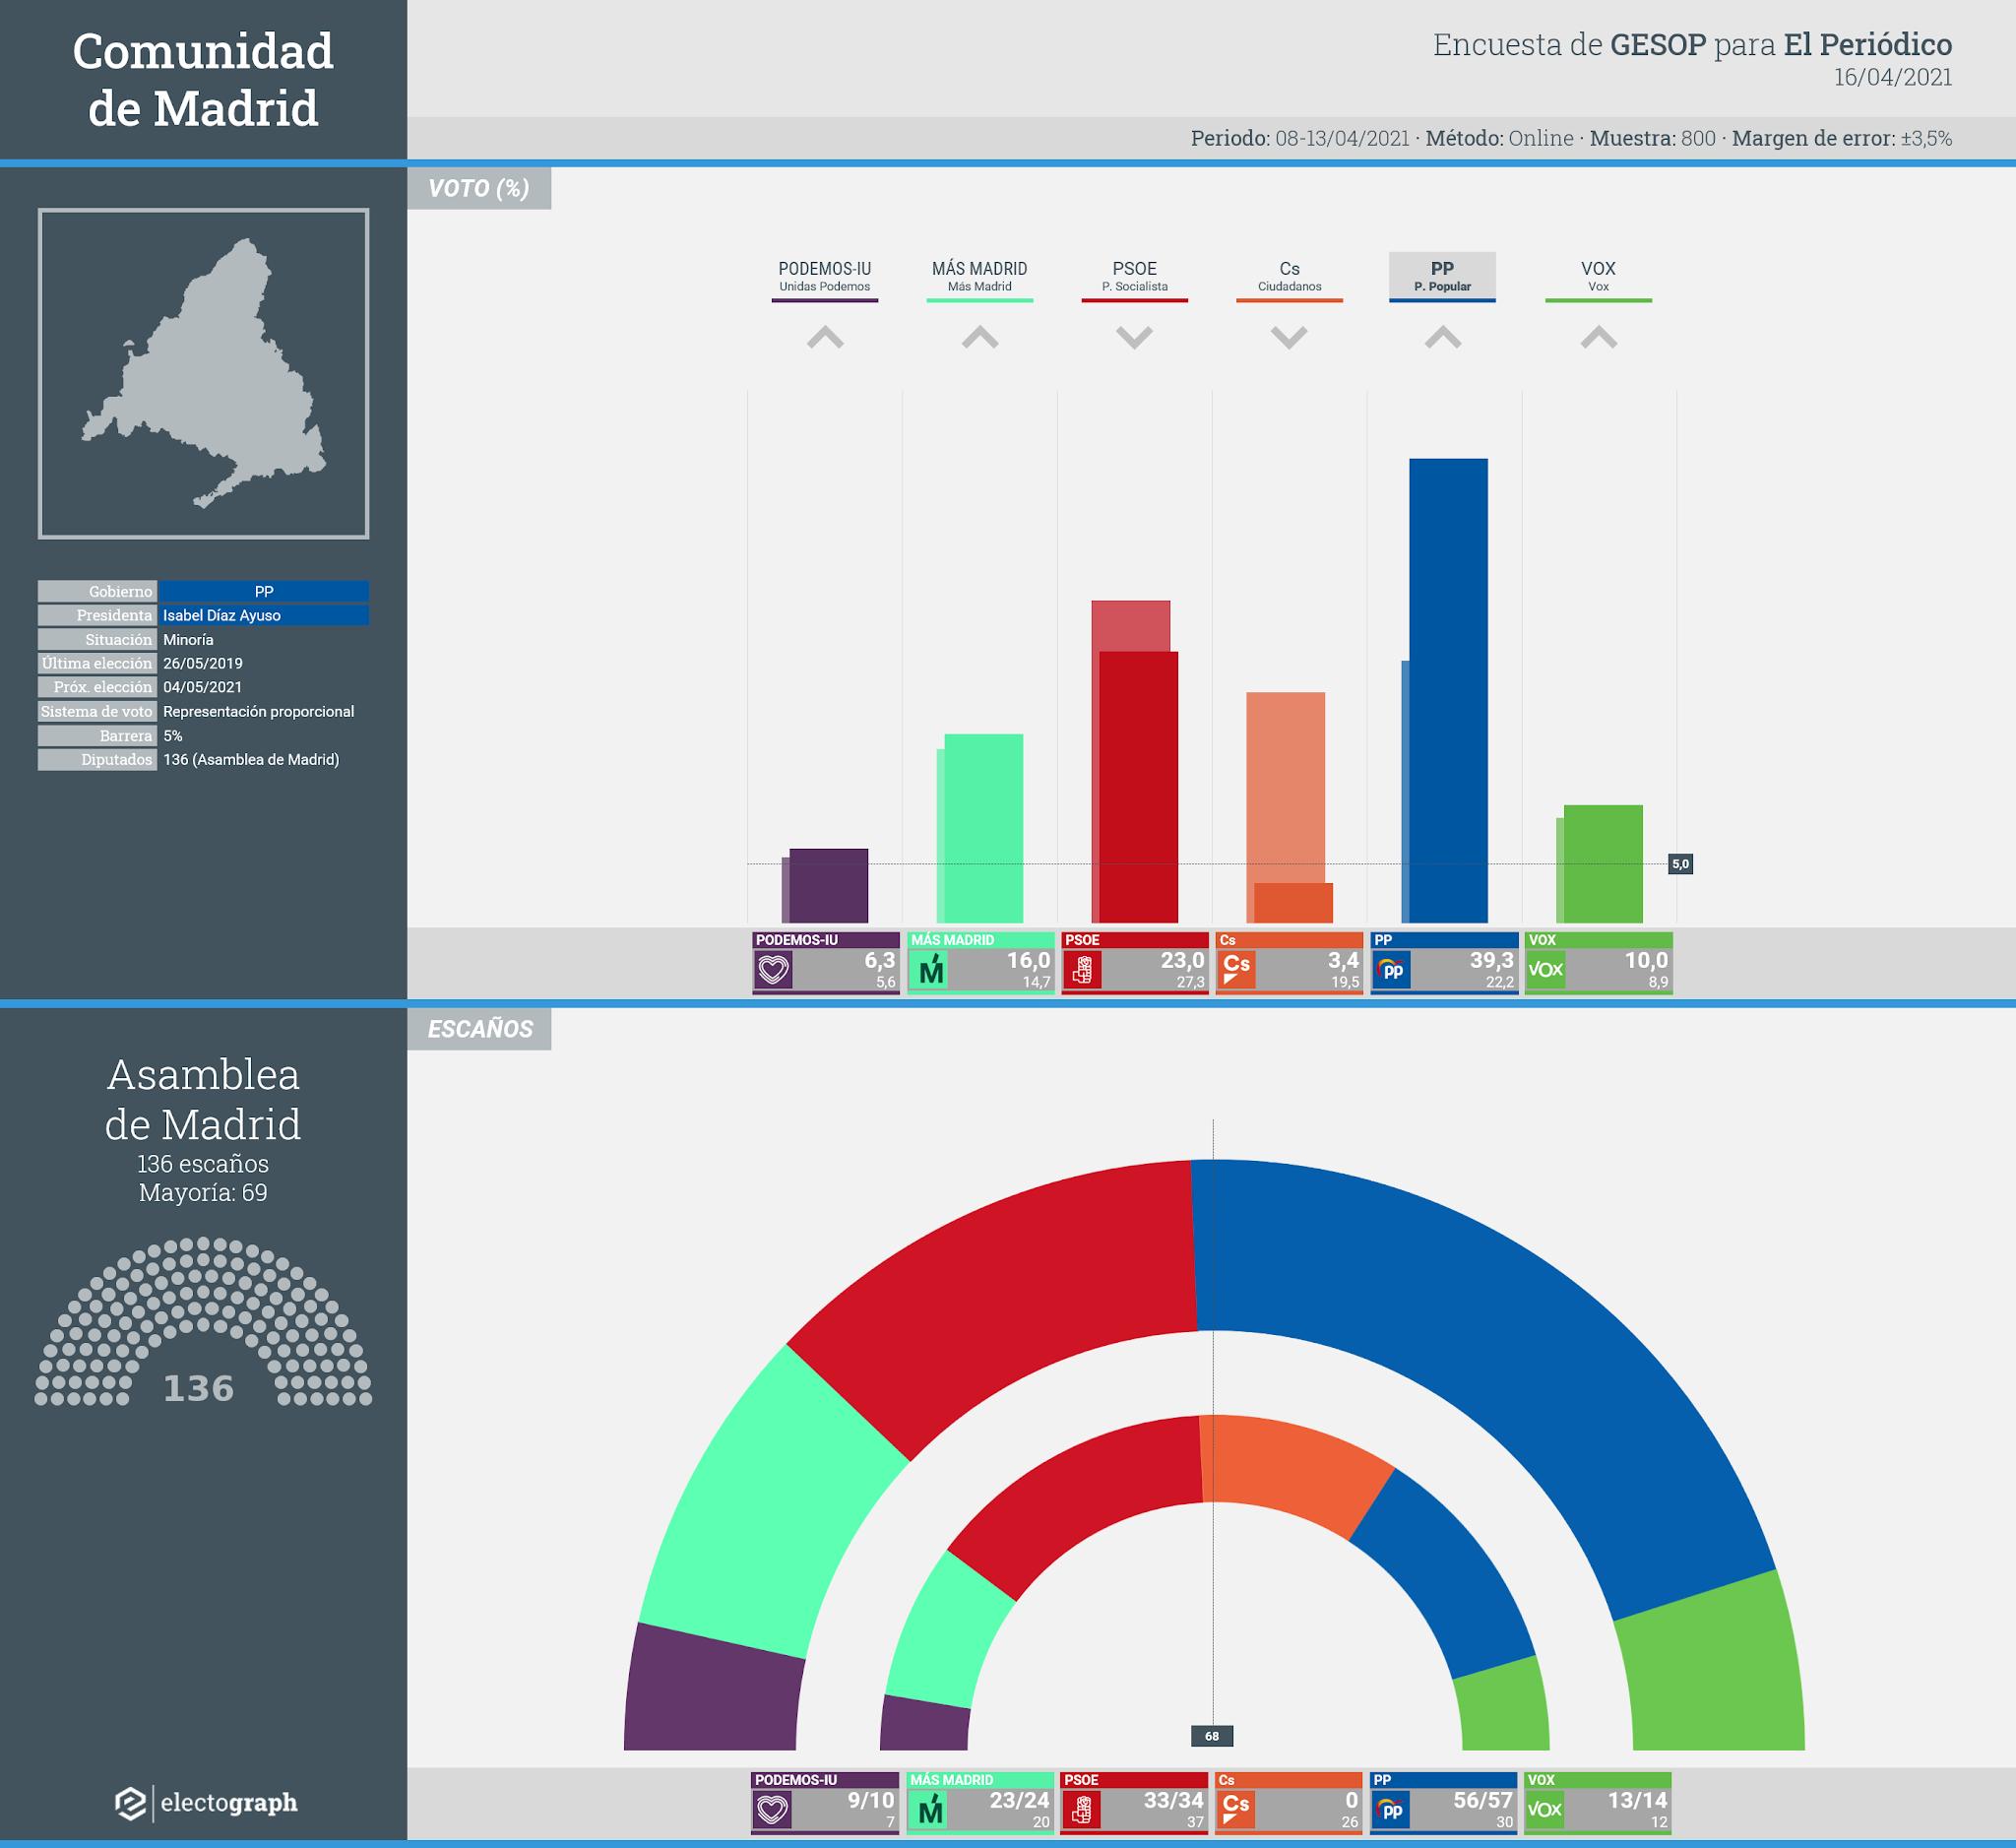 Gráfico de la encuesta para elecciones autonómicas en la Comunidad de Madrid realizada por GESOP para El Periódico, 16 de abril de 2021